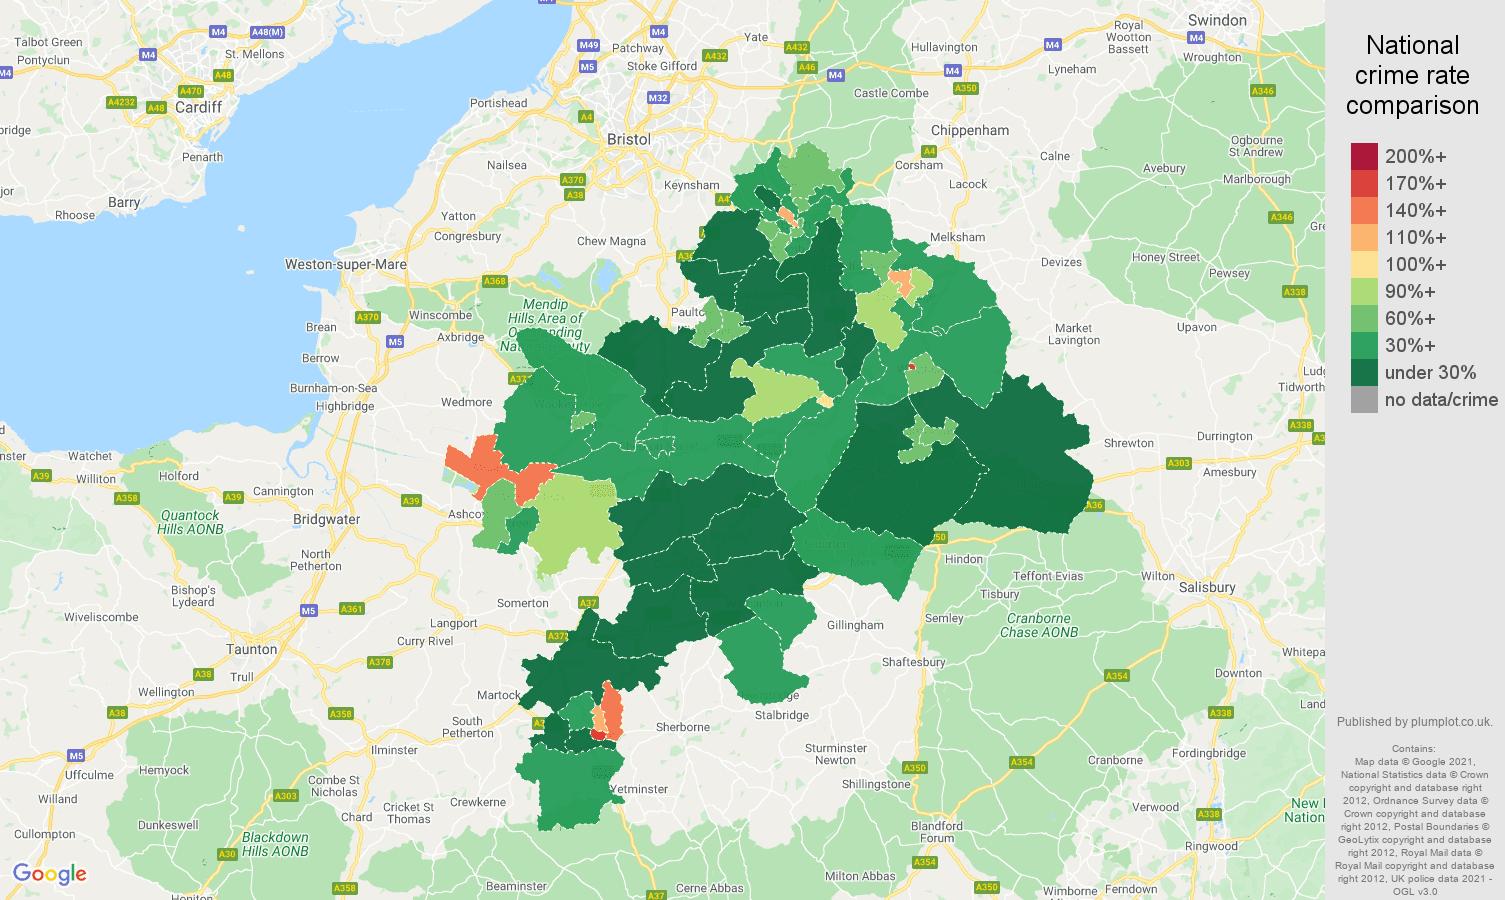 Bath antisocial behaviour crime rate comparison map